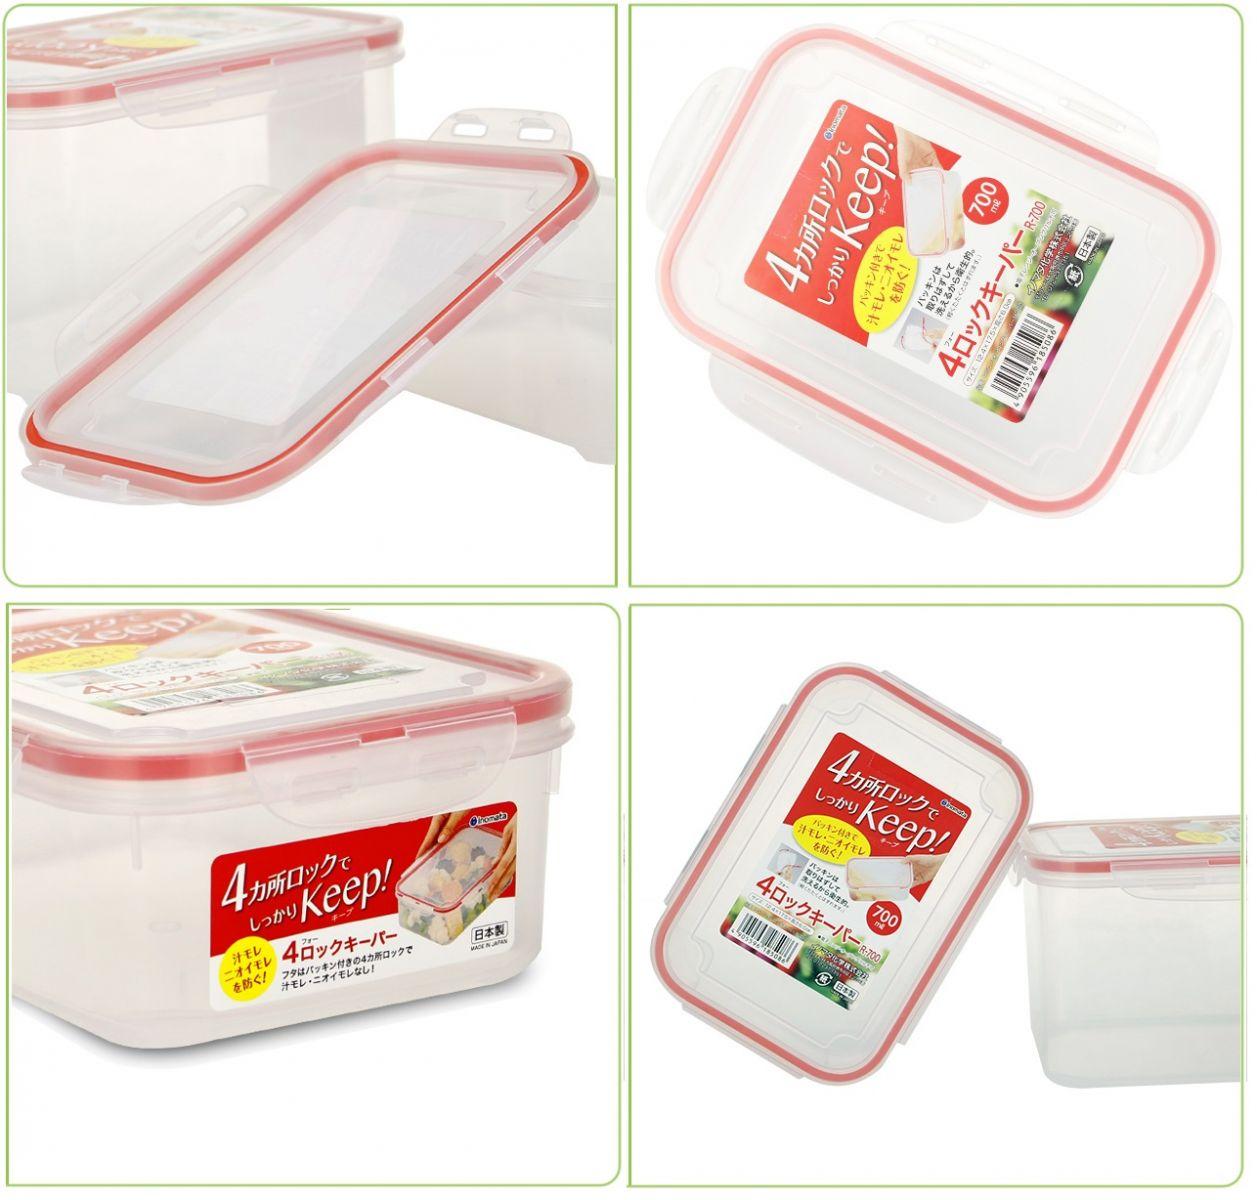 Bộ 03 hộp thực phẩm chữ nhật inomata 1300ml hàng nội địa Nhật Bản No.1851#